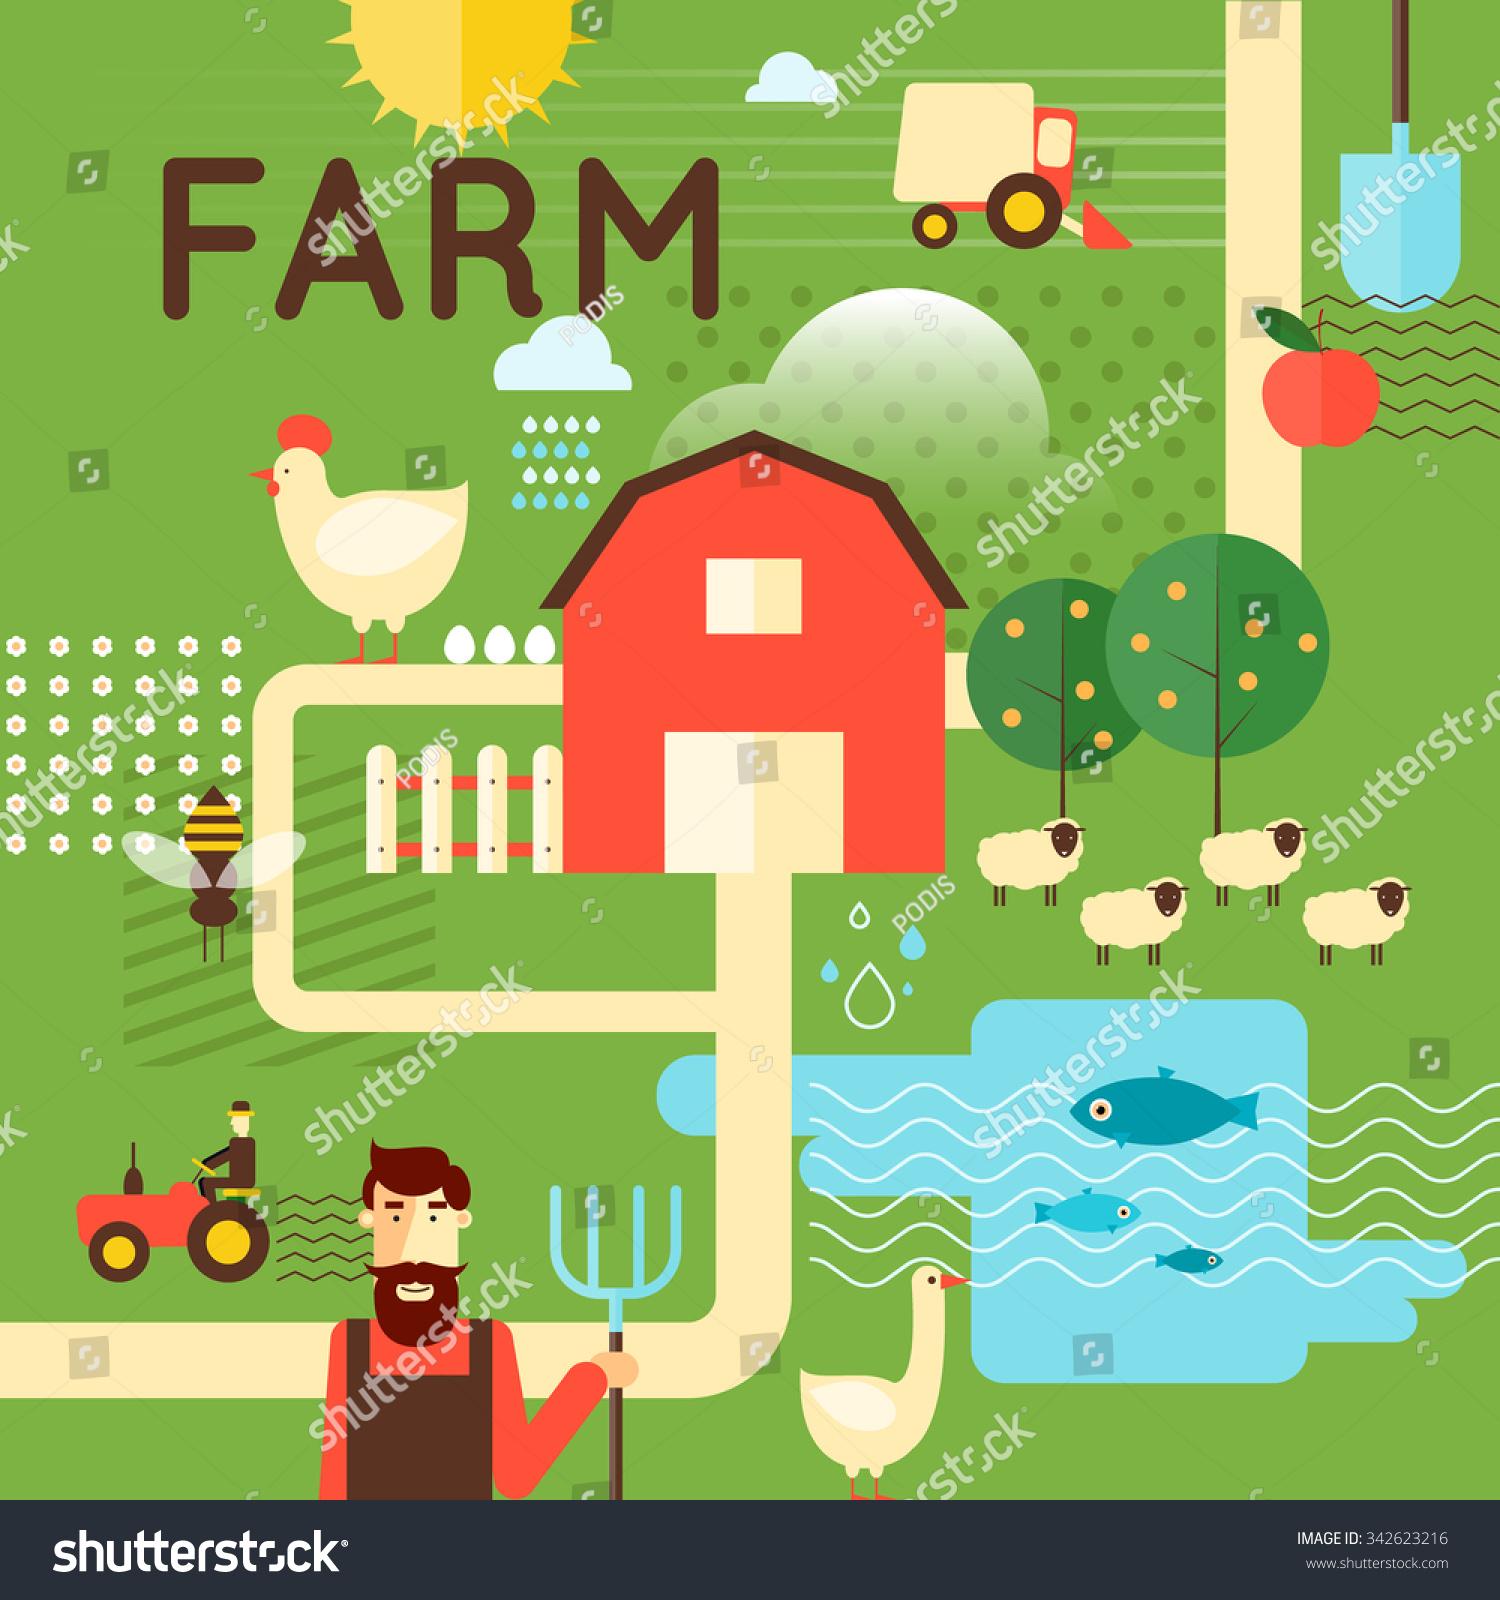 Agri cultures project logo duckdog design - Farm Poster Concept Harvesting Agriculture Flat Design Vector Illustration